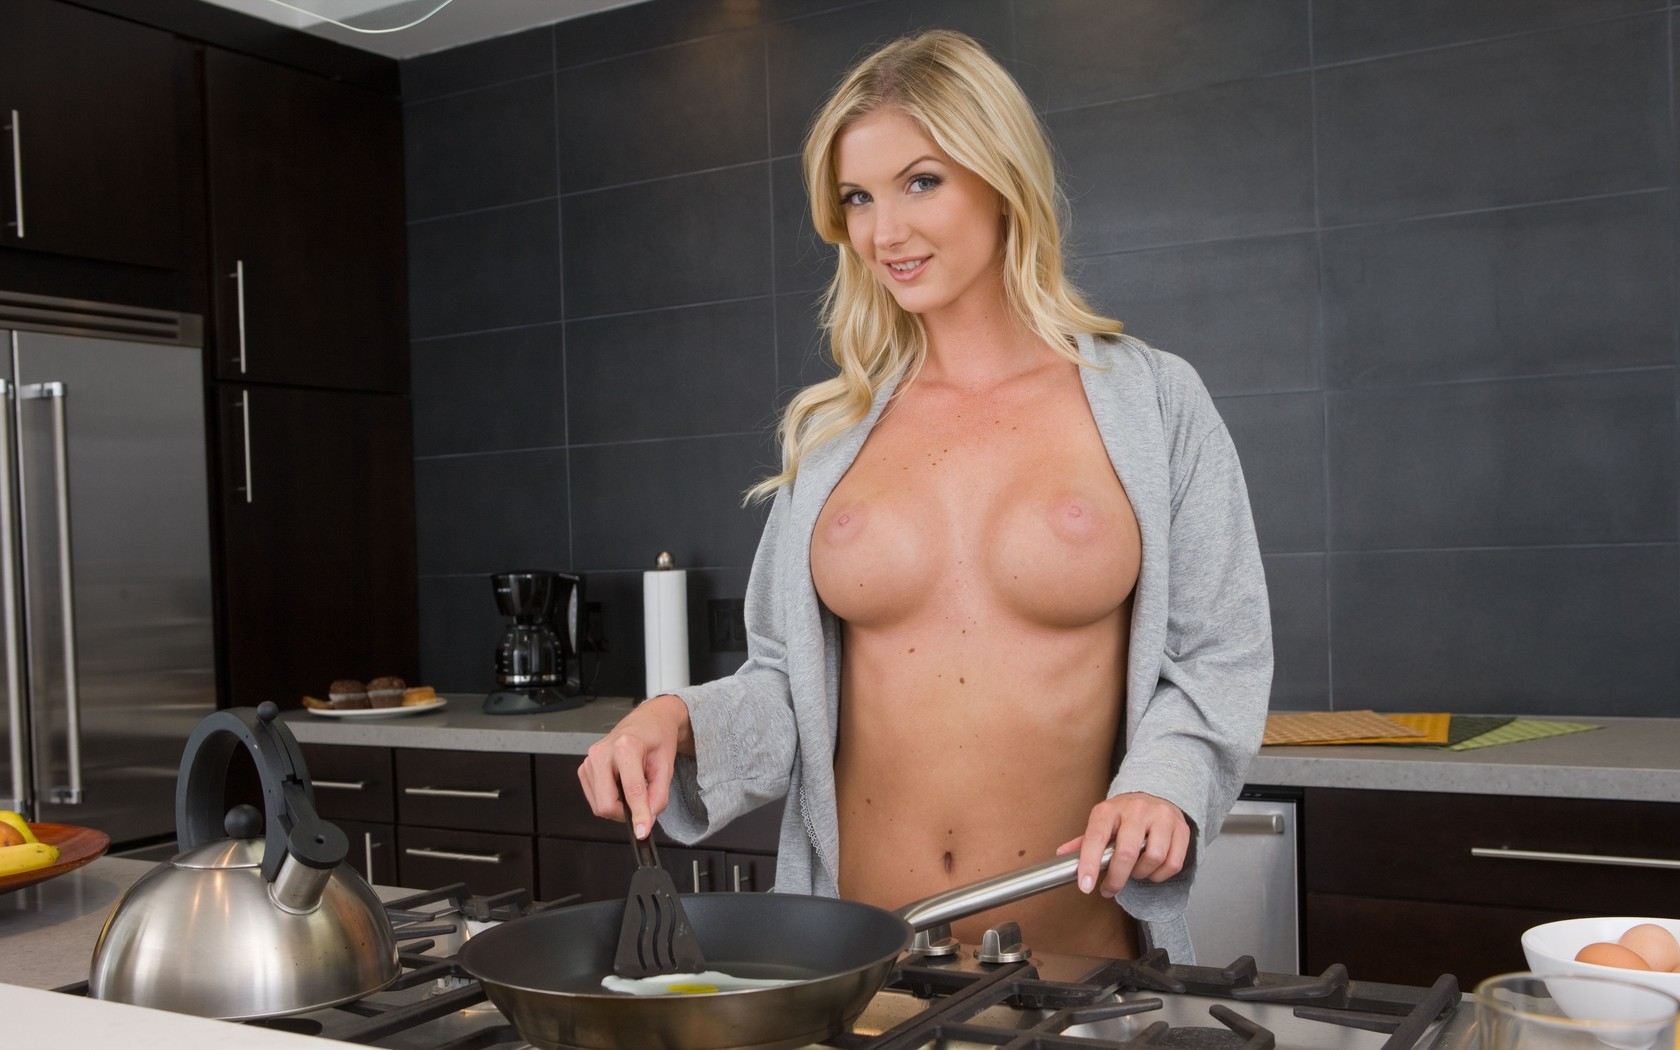 Бабы со слесарями на кухне резвятся #13